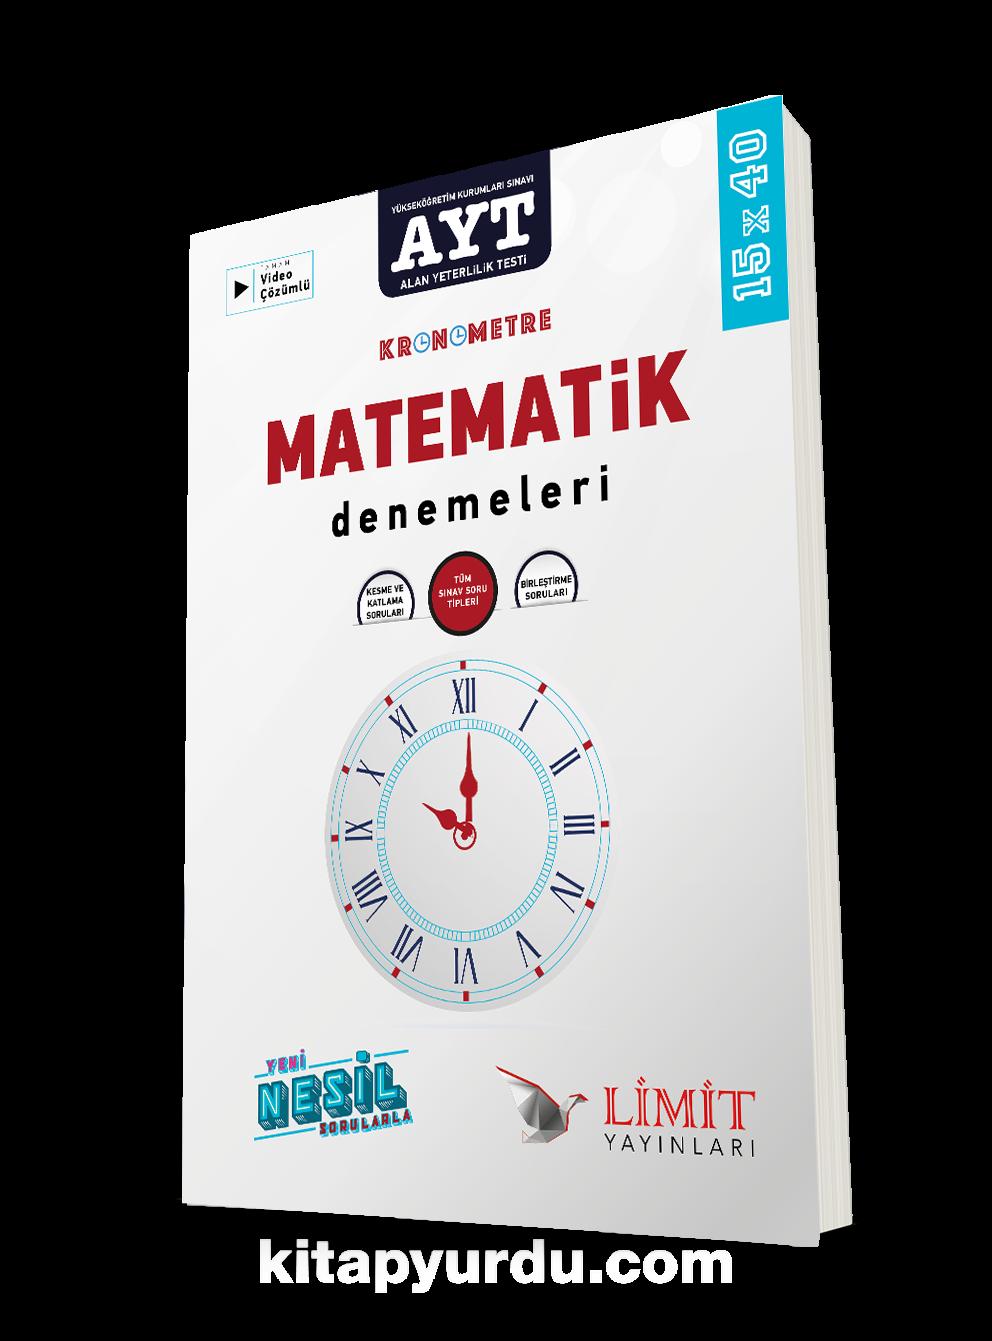 AYT Kronometre Matematik Denemeleri PDF Kitap İndir